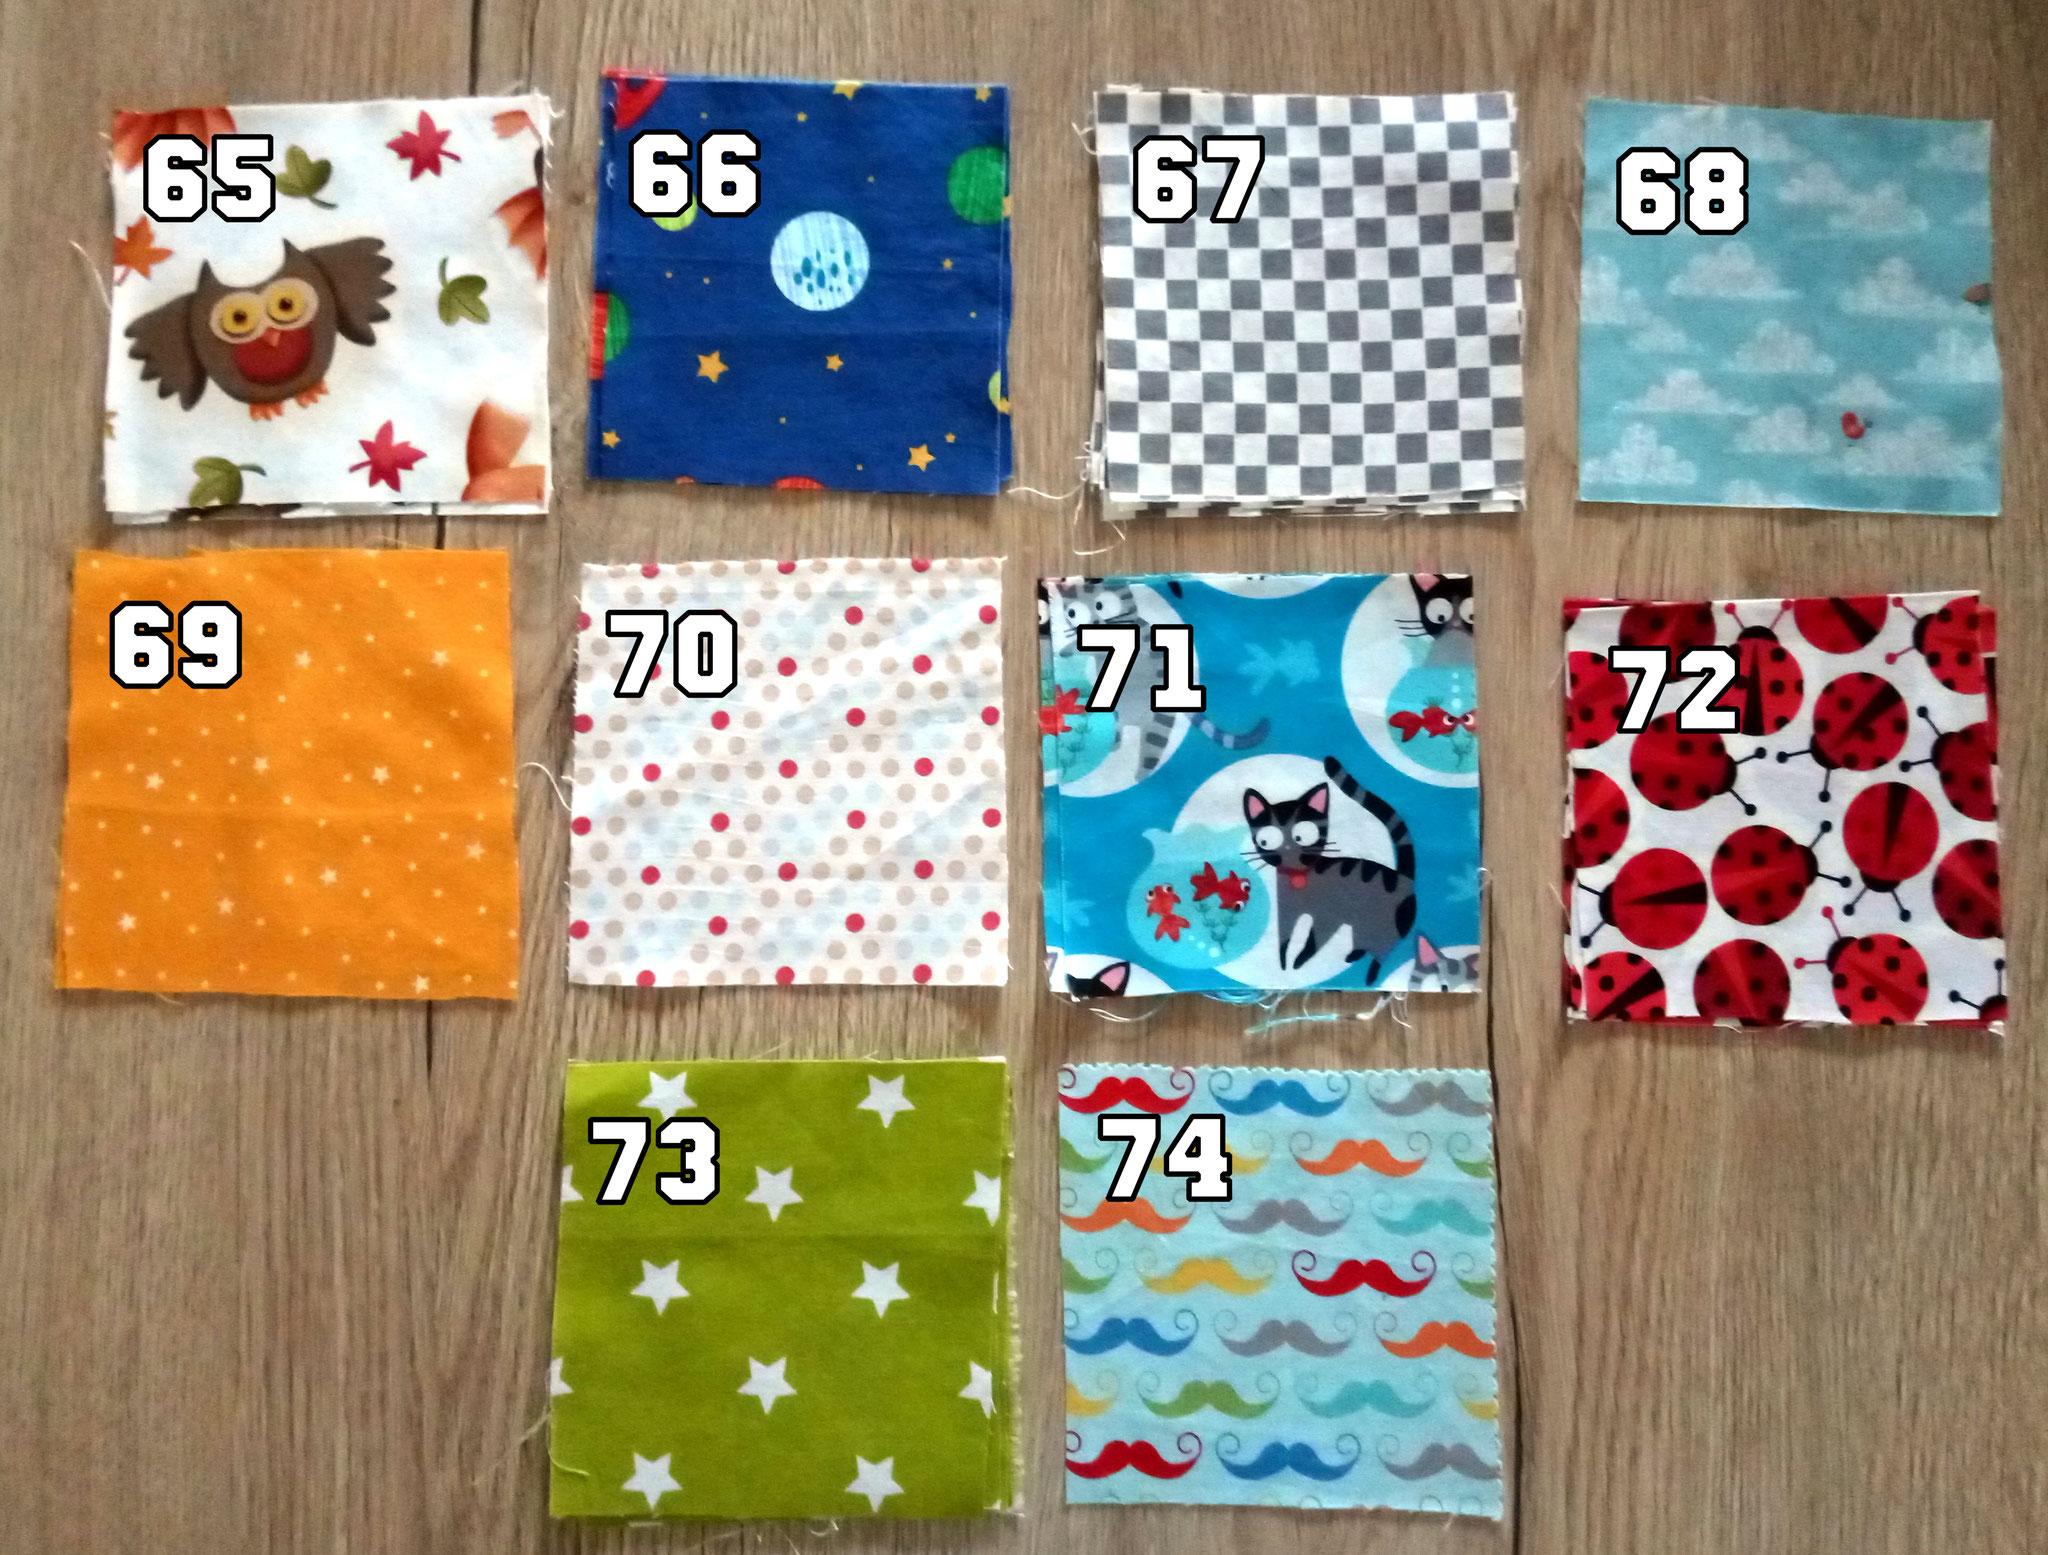 références tissus disponibles 65 à 74